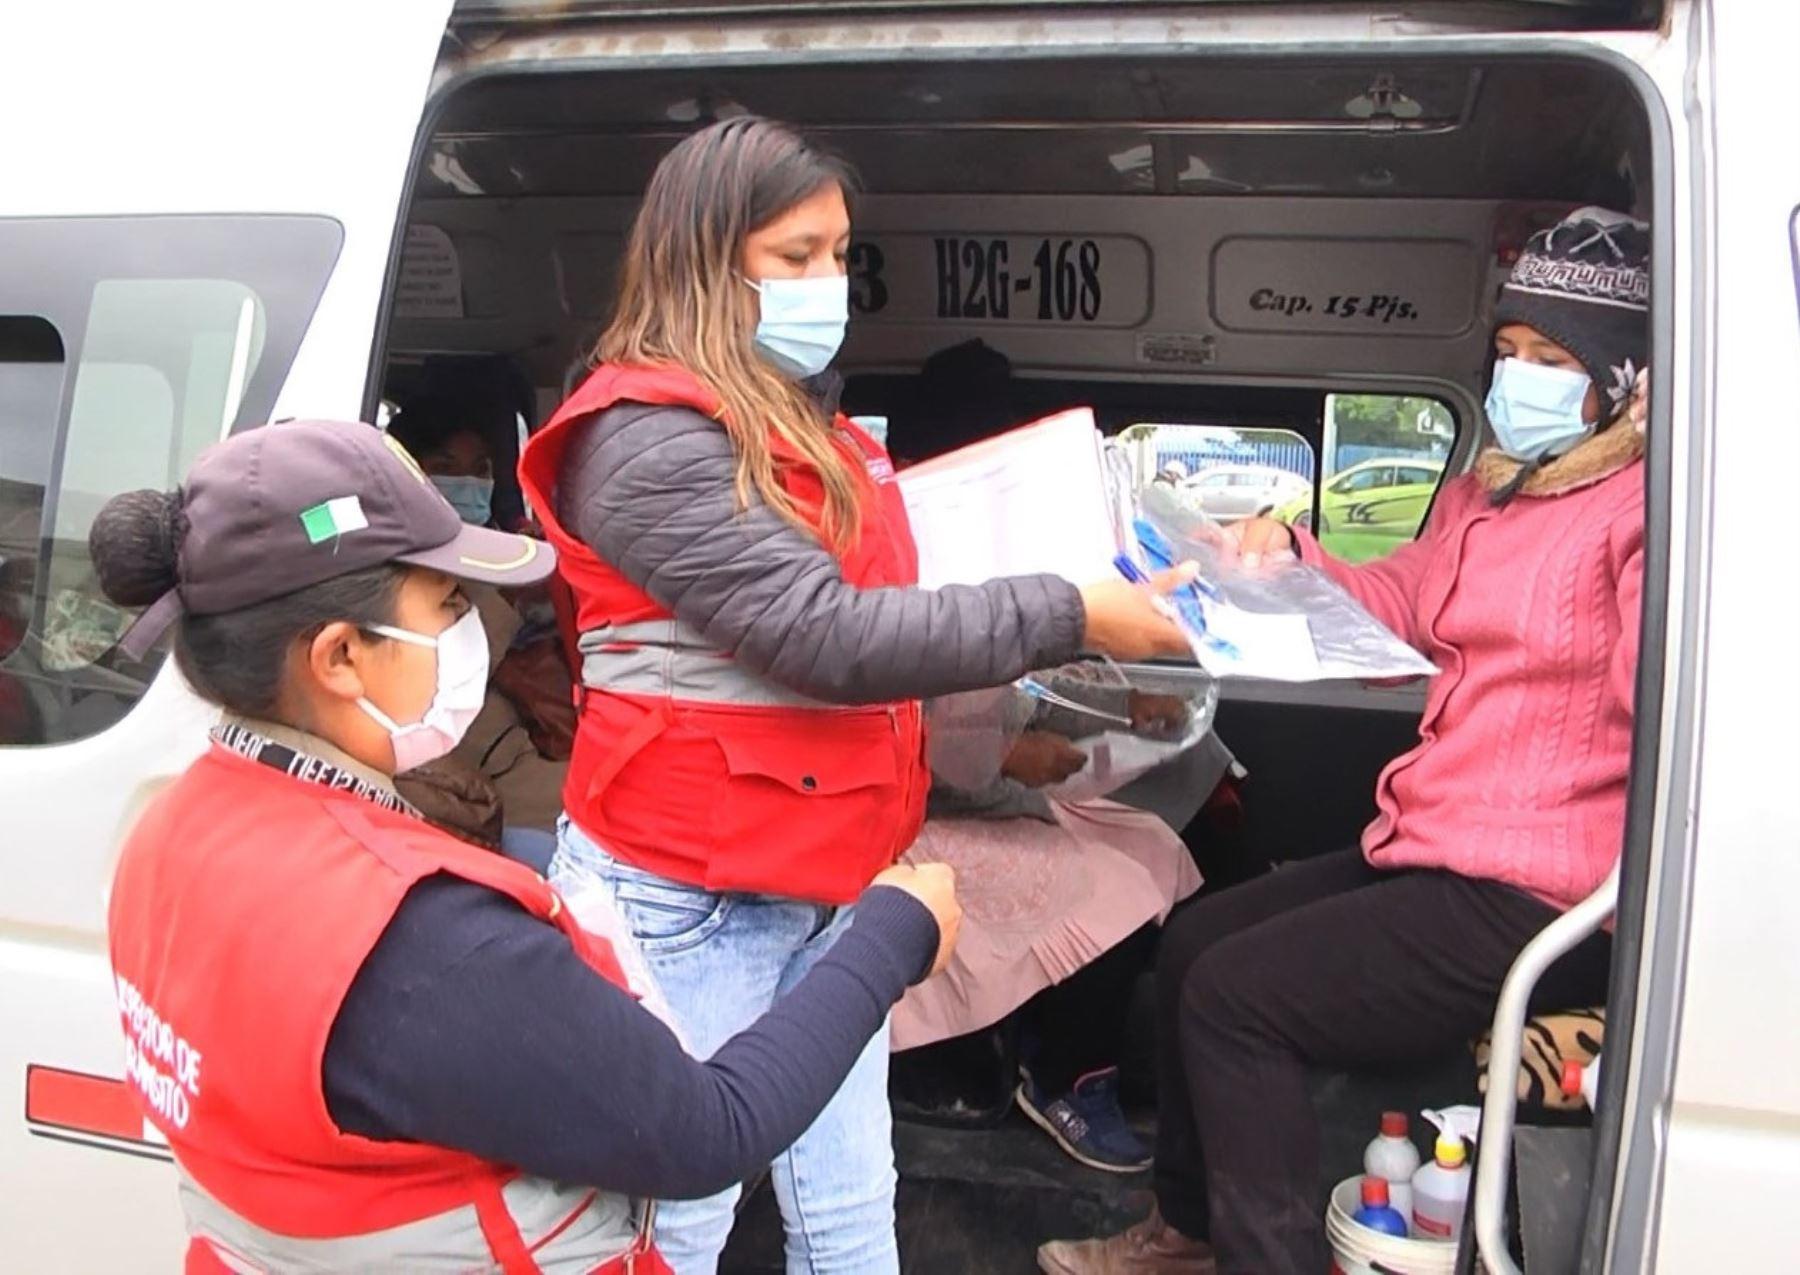 Municipalidad de Huancayo entregó de forma gratuita 250 protectores faciales a los pasajeros de unidades de transporte urbano para evitar contagios del covid-19 en la ciudad. Foto: ANDINA/difusión.